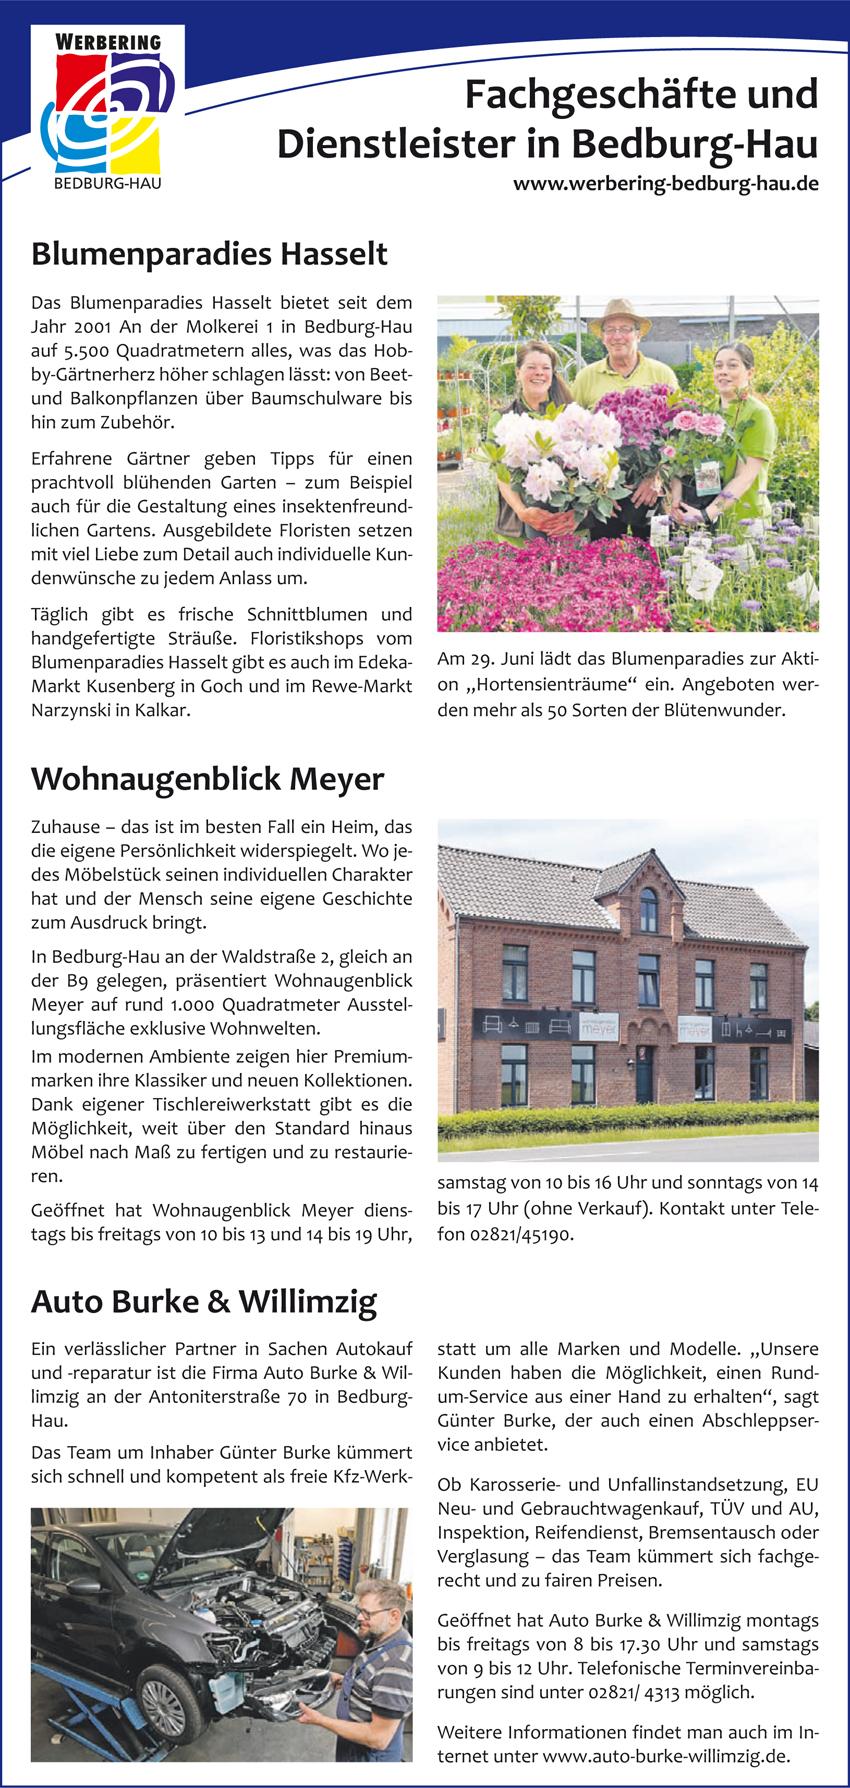 Der Werbering Bedburg-Hau sponsert 2019 wieder seine Mitglieder, welche eine Anzeige in den Niederrhein Nachrichten aufgeben.